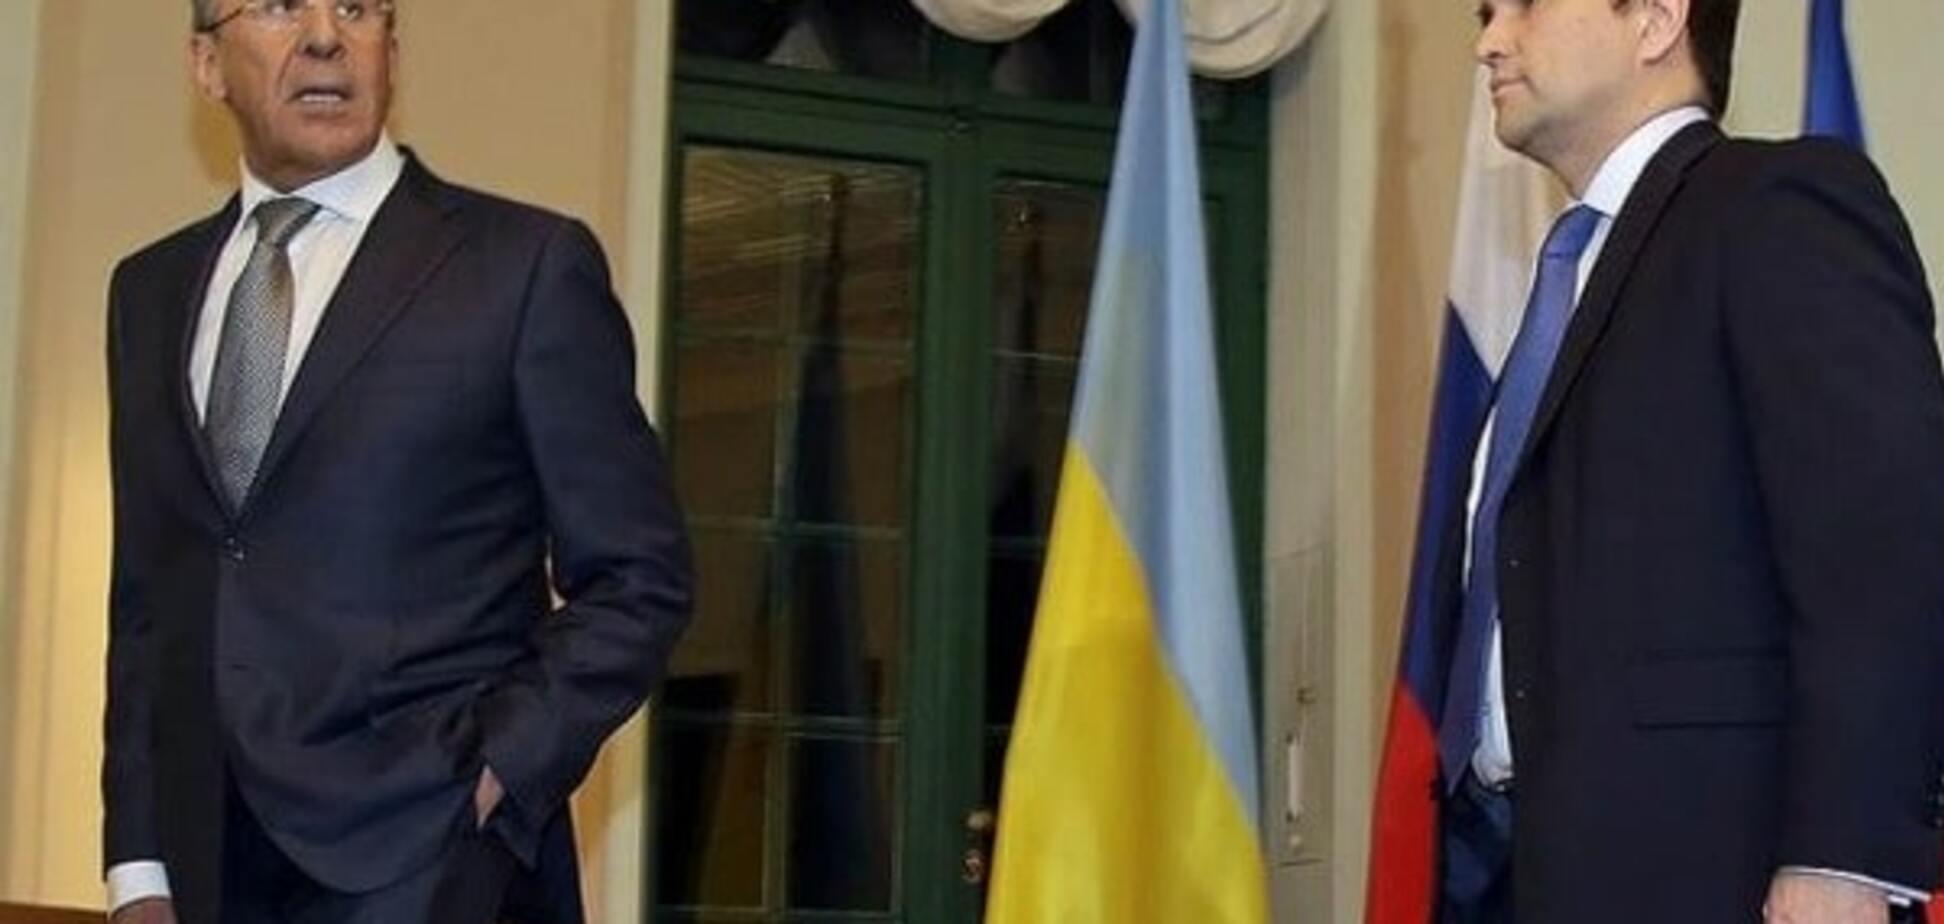 Катастрофа 'Боїнга' і Савченко: Клімкін провів переговори з Лавровим